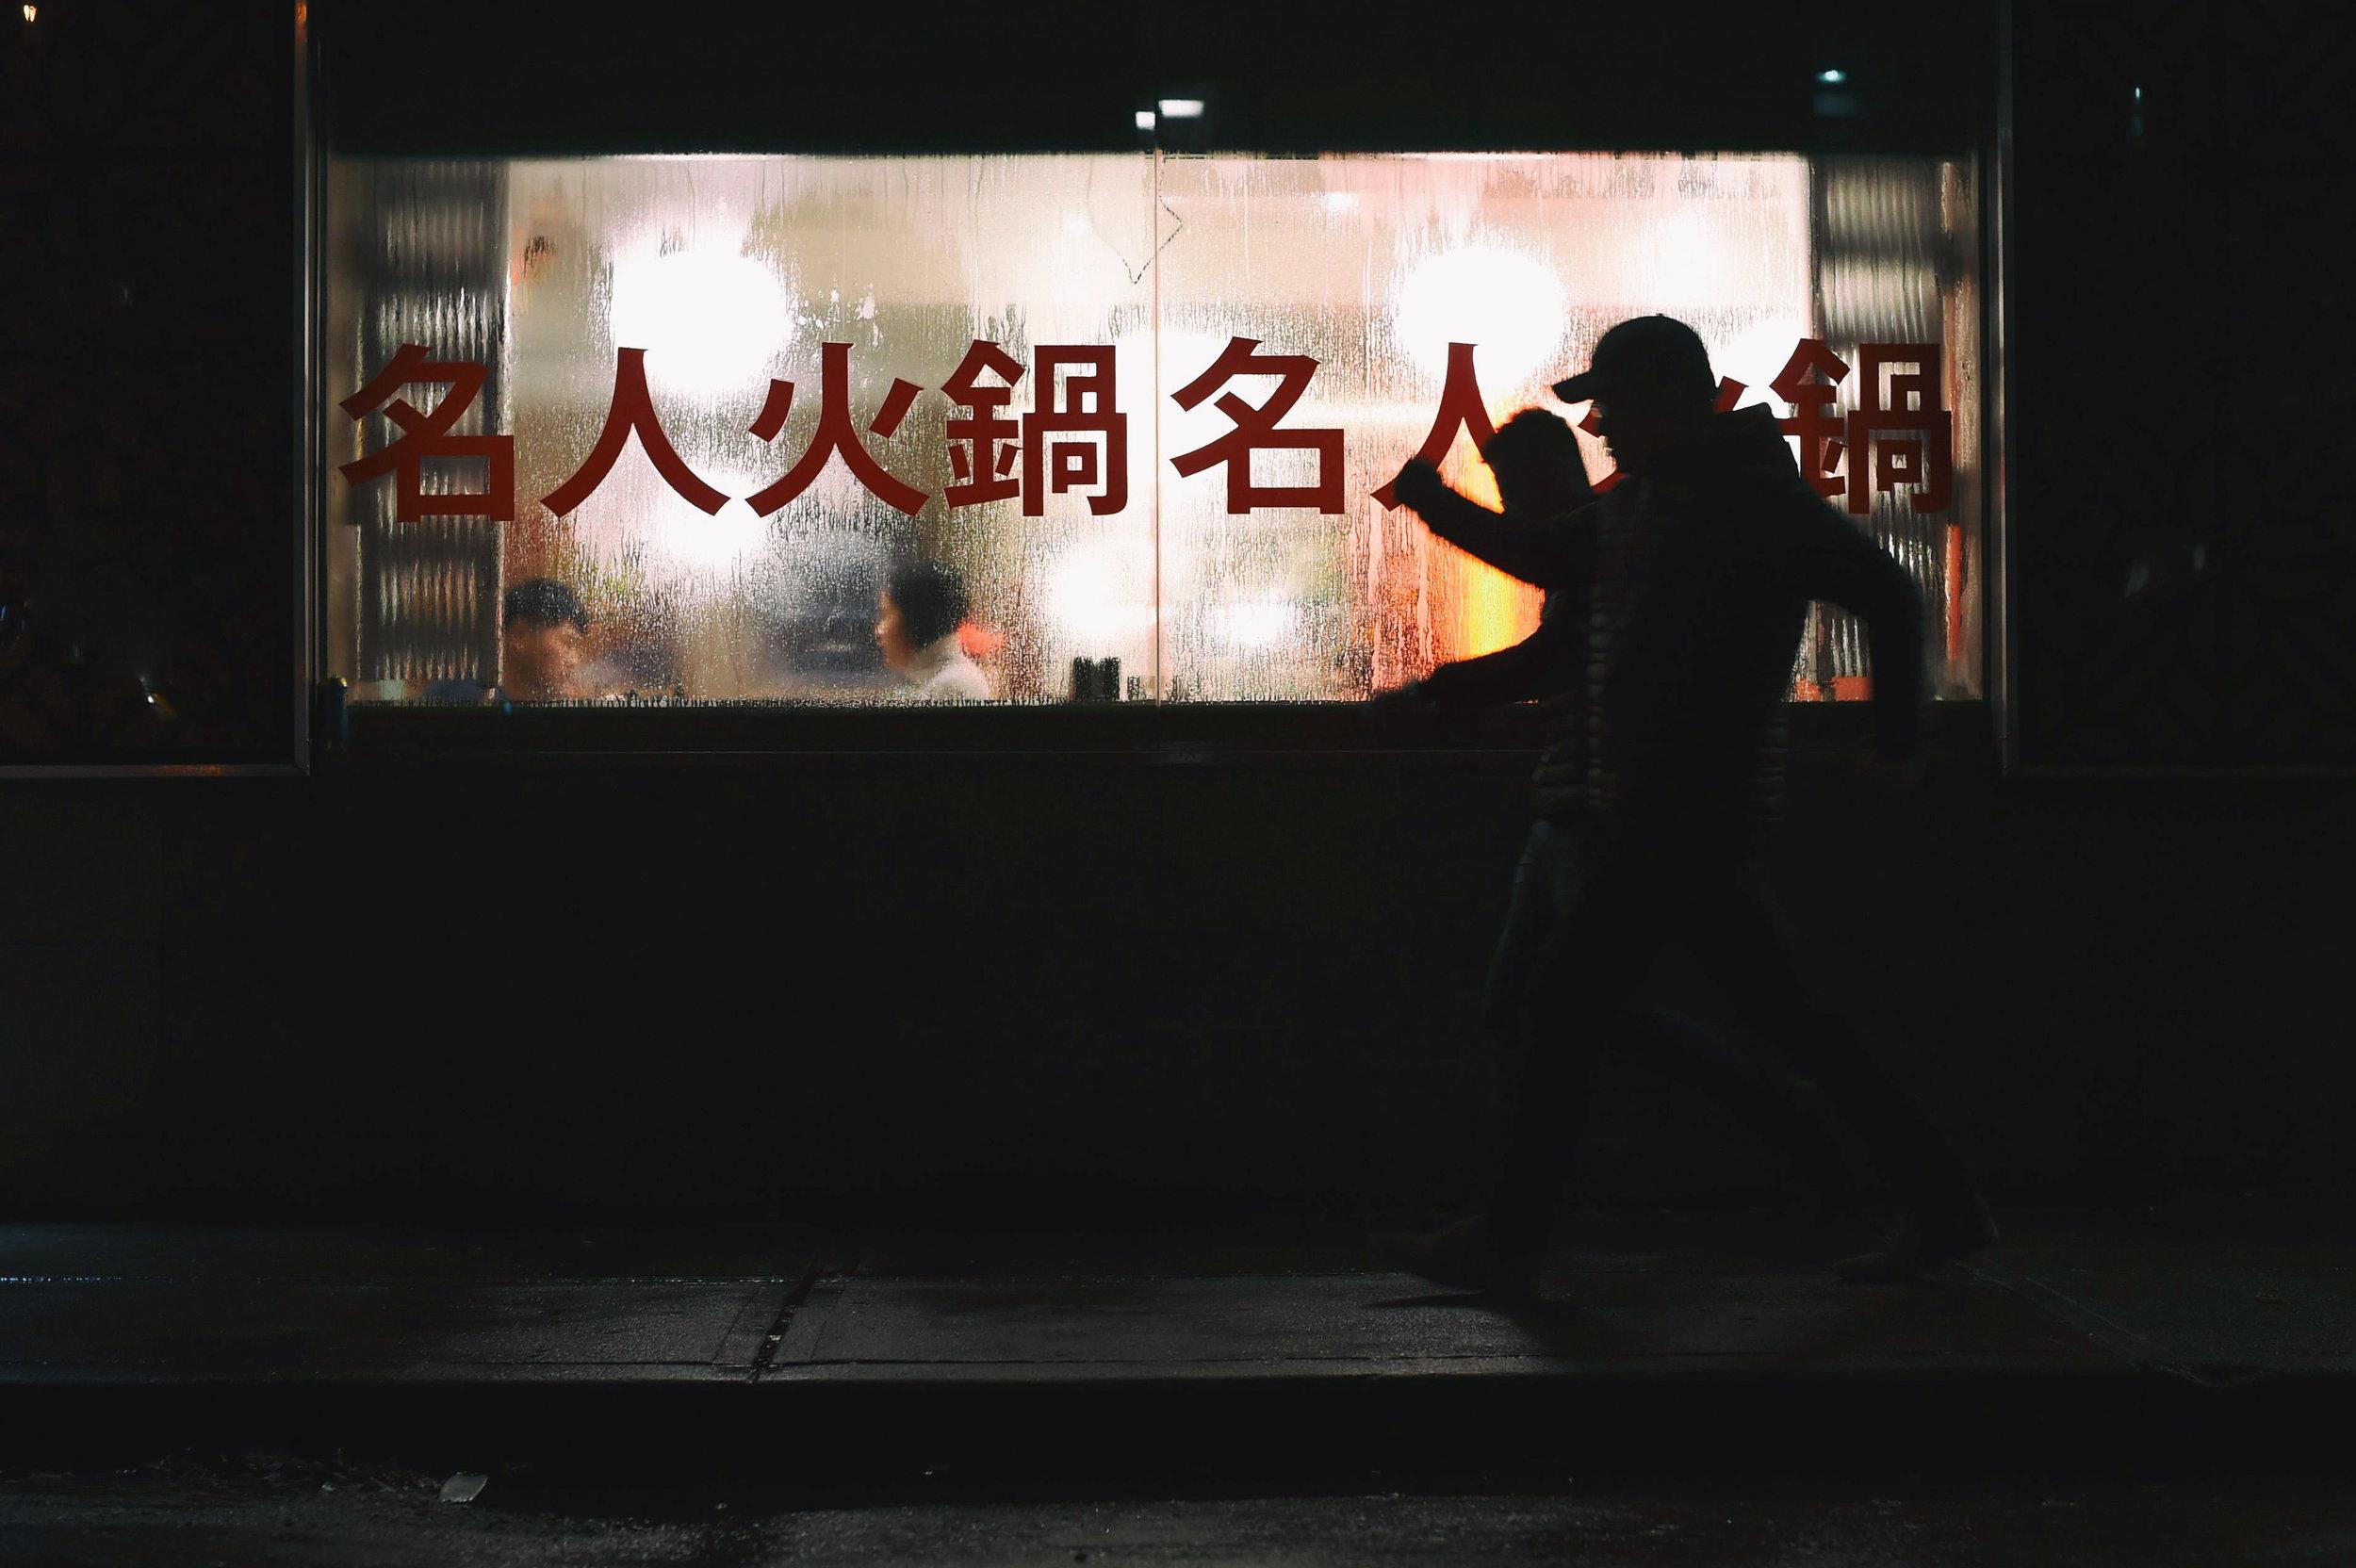 Dancing at Night - Toronto